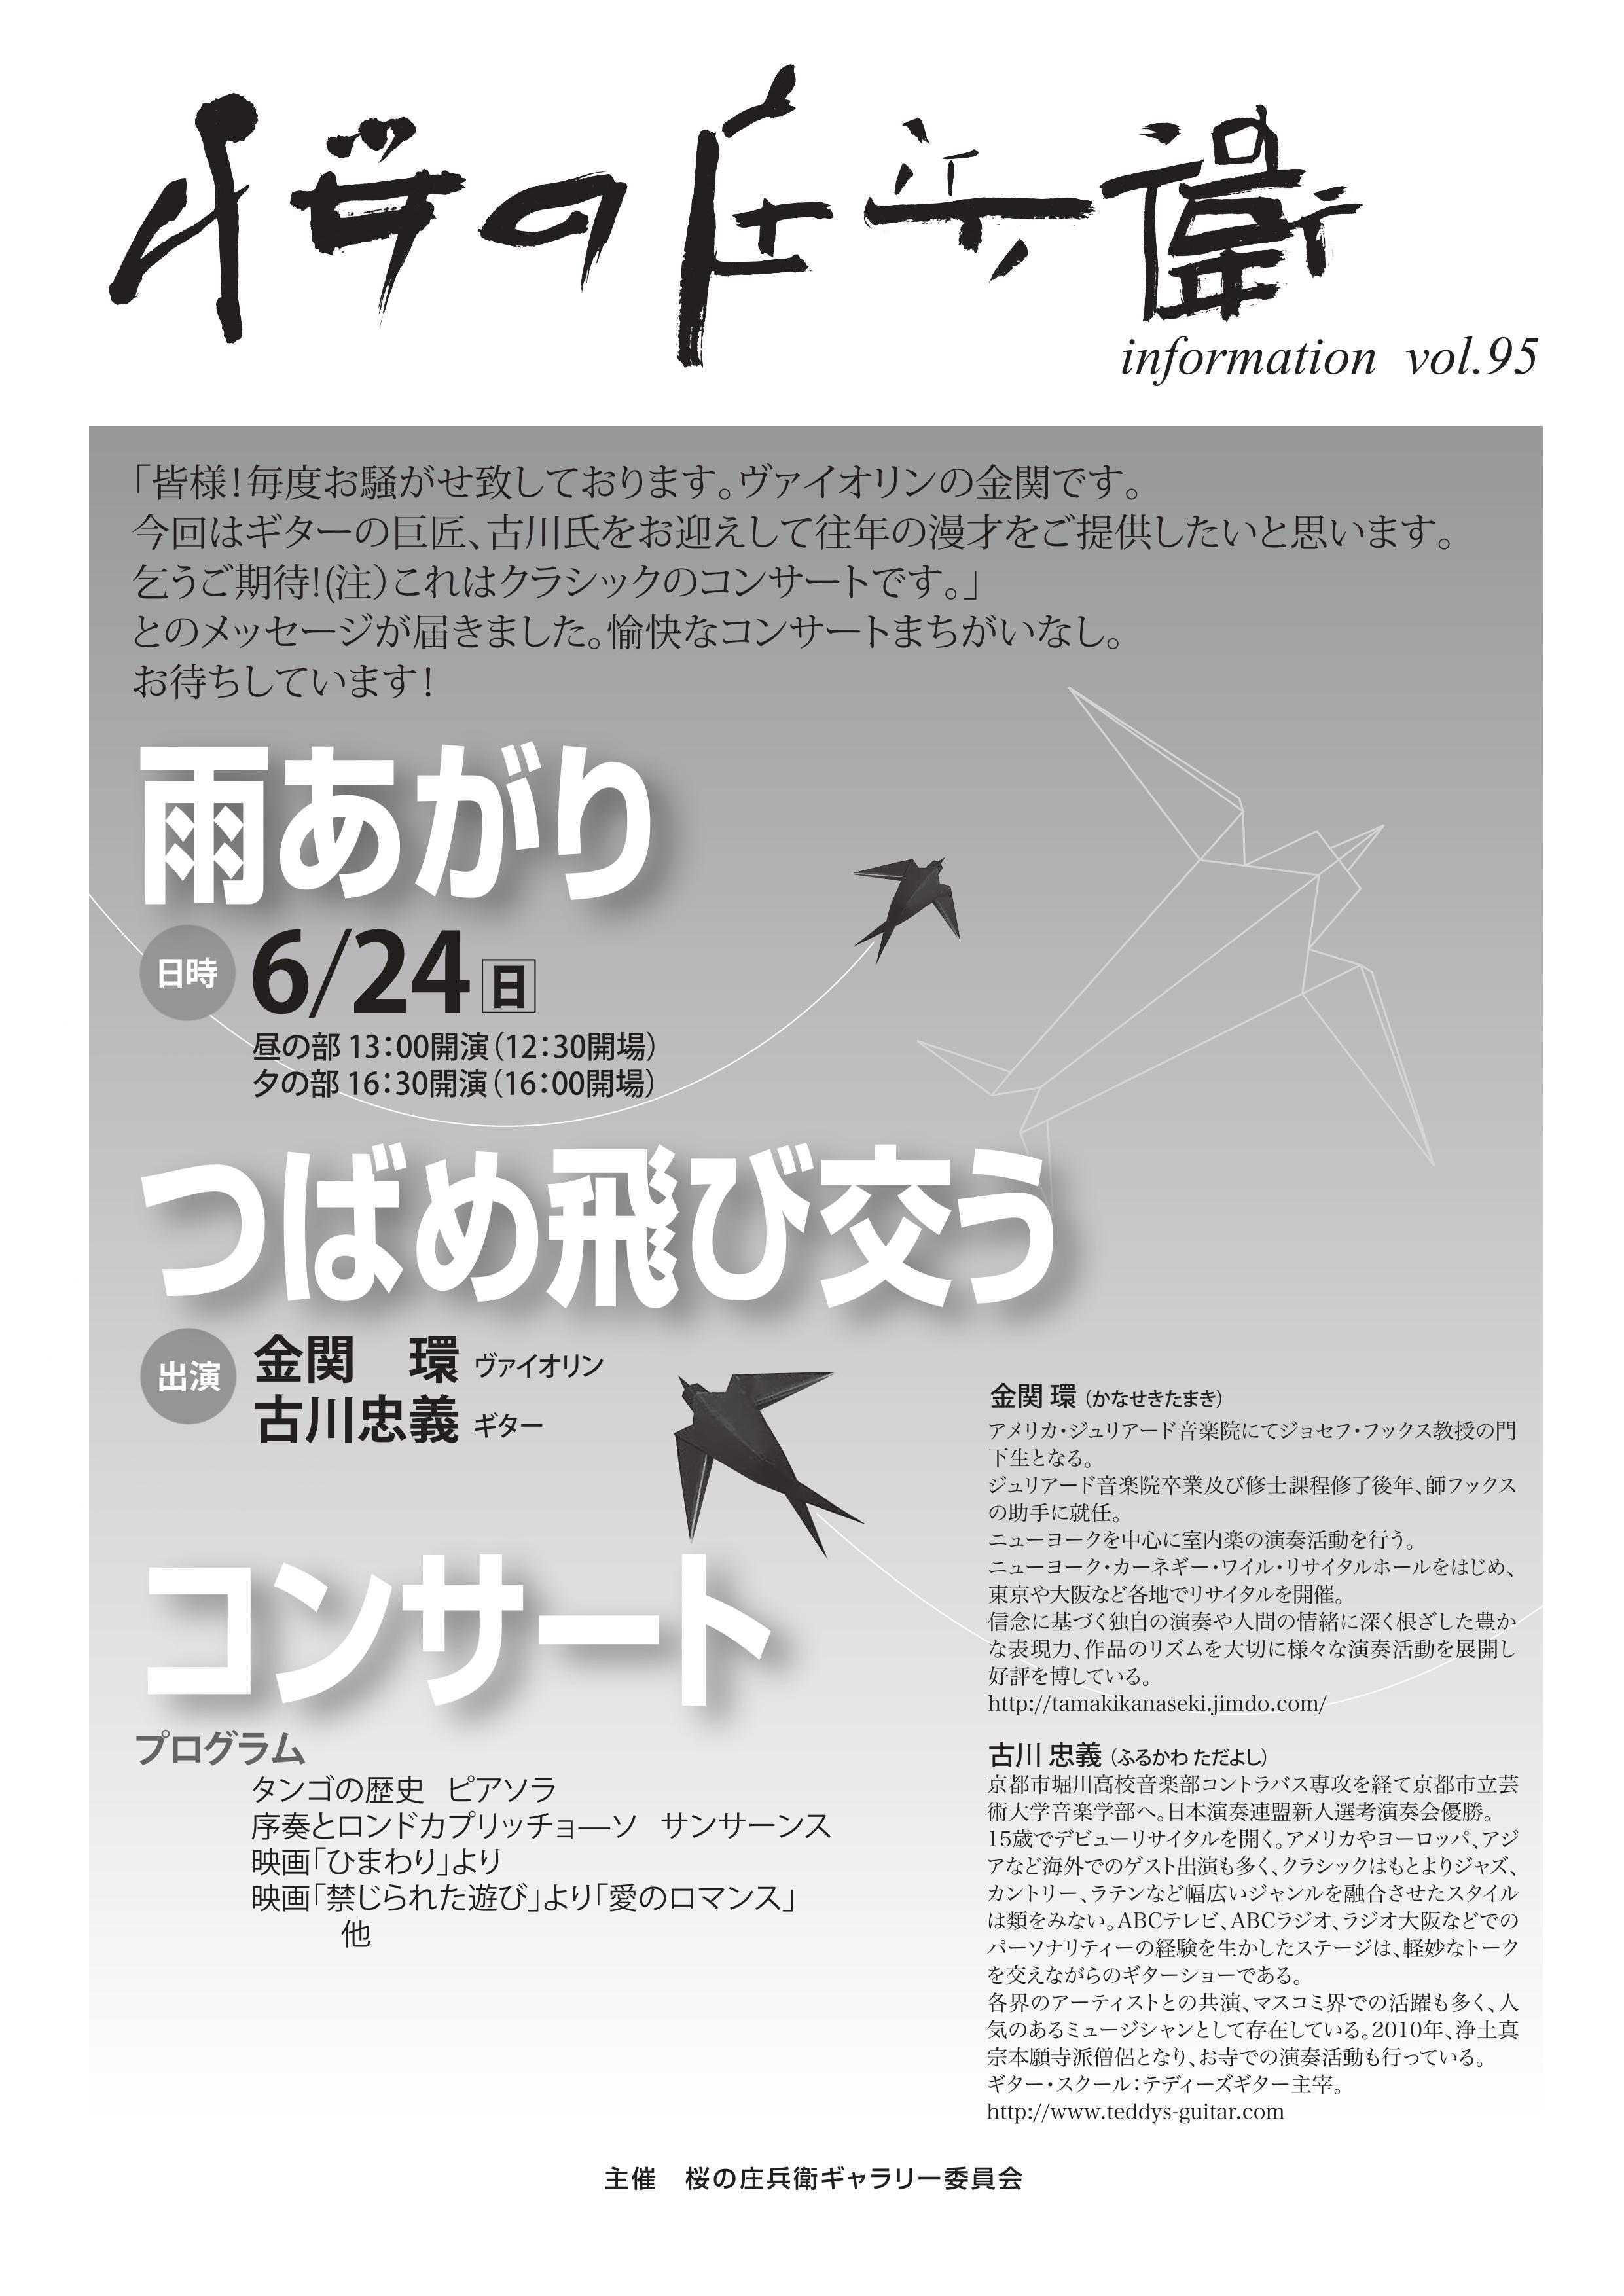 雨上がりつばめ飛び交うコンサートが開催されます。6月24日(日)